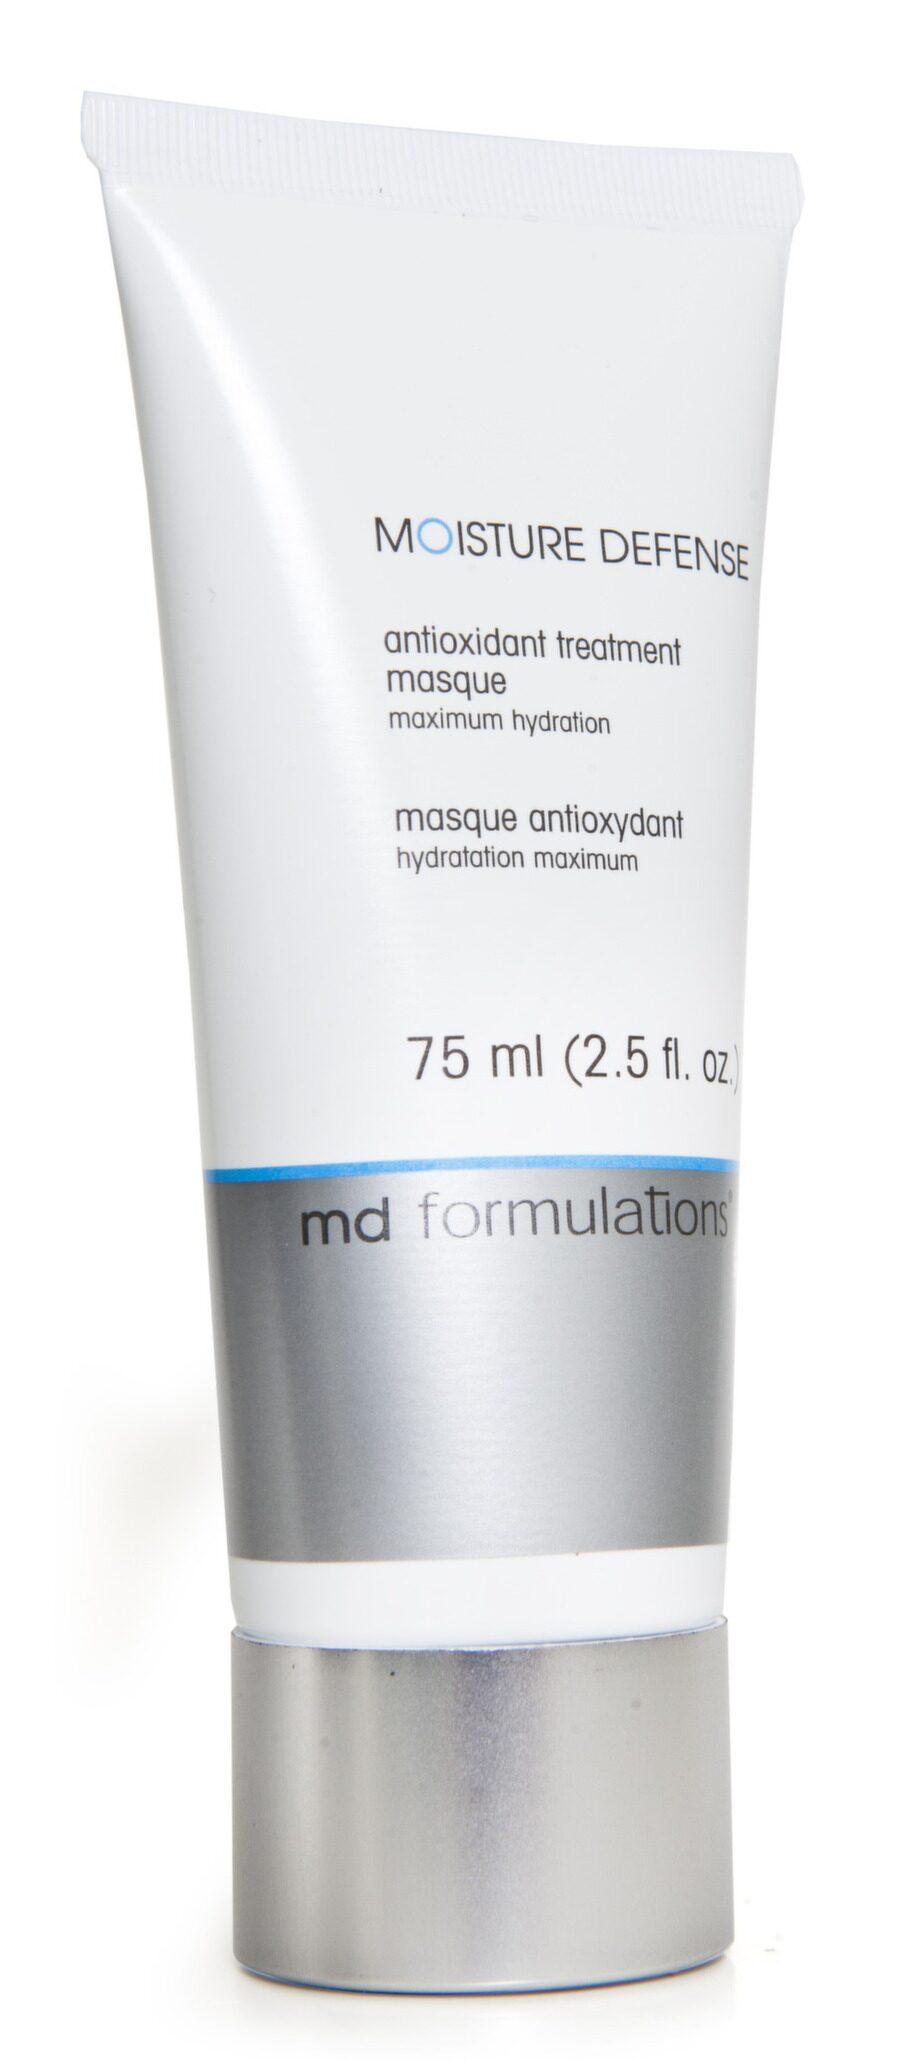 Produkter för känslig hy<br>Stärker. Ansiktsmask som stärker hudens försvar mot påfrestningar. Moisture defense från md formulations. 75 ml, 470 kronor.